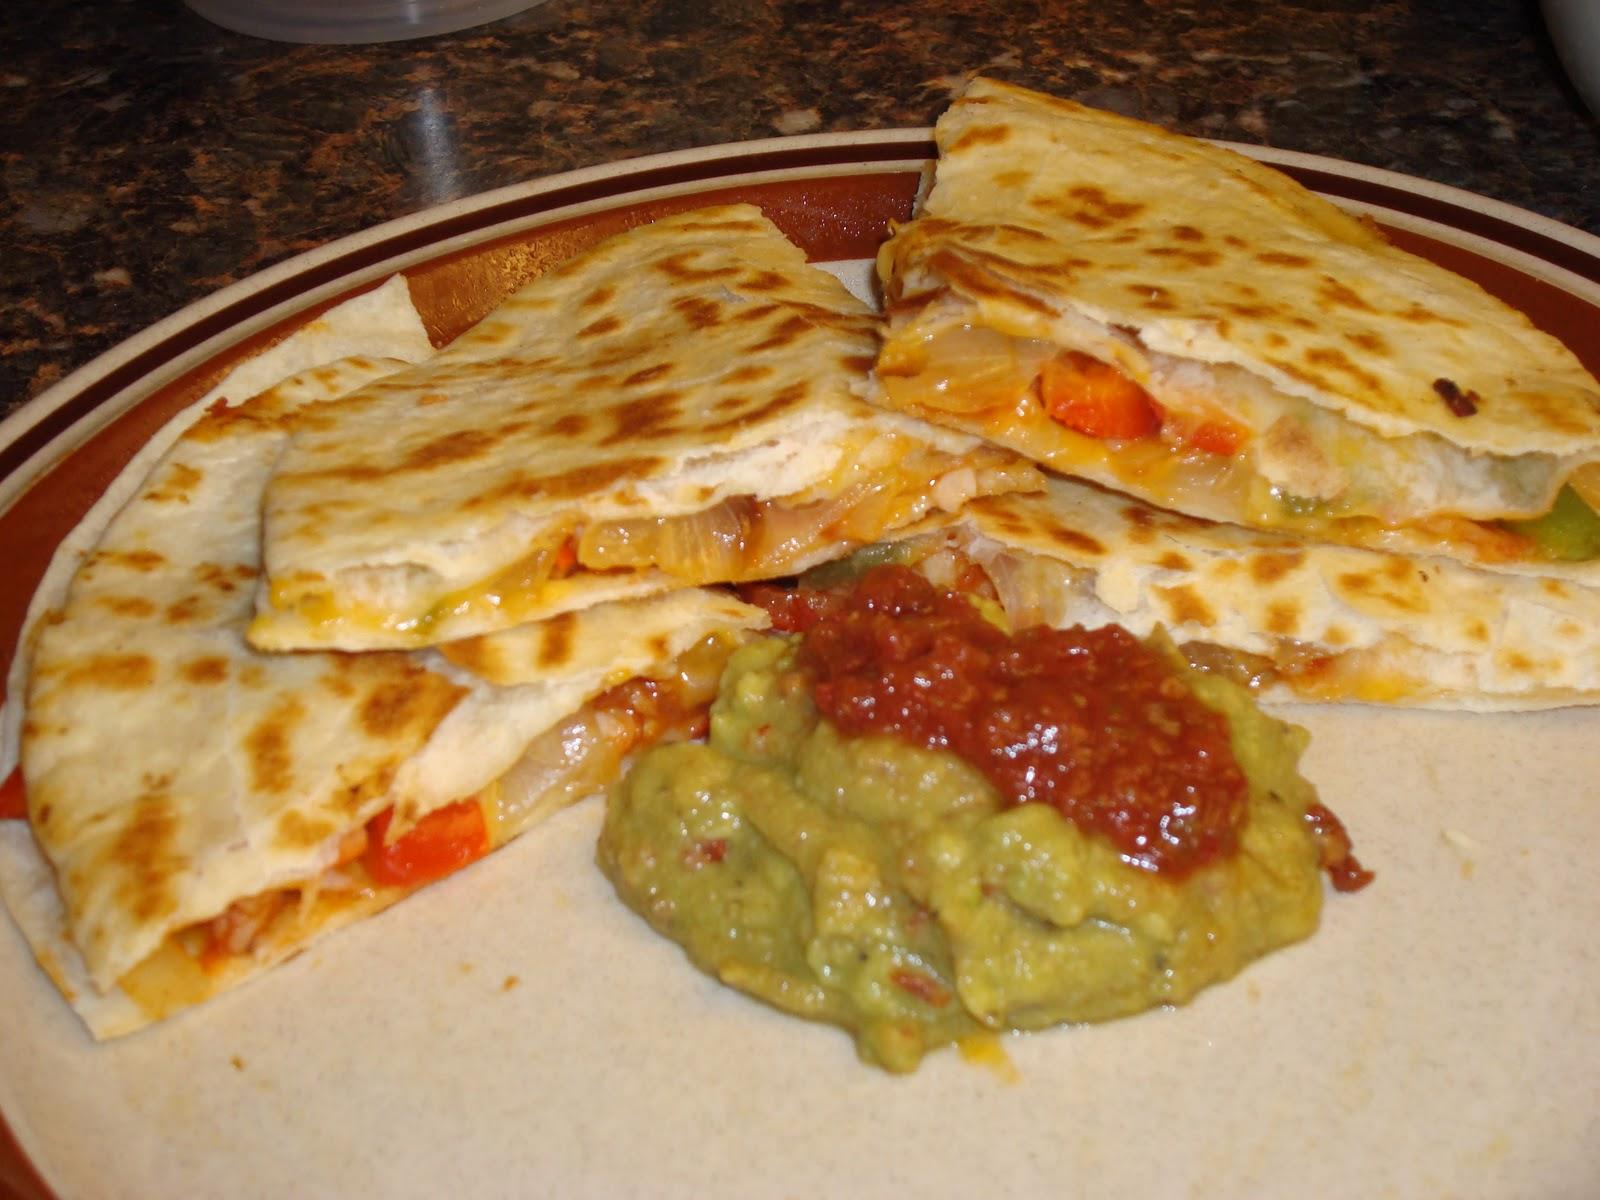 ... lemonade and more!: Quesadillas de Camarones (Shrimp Quesadilllas